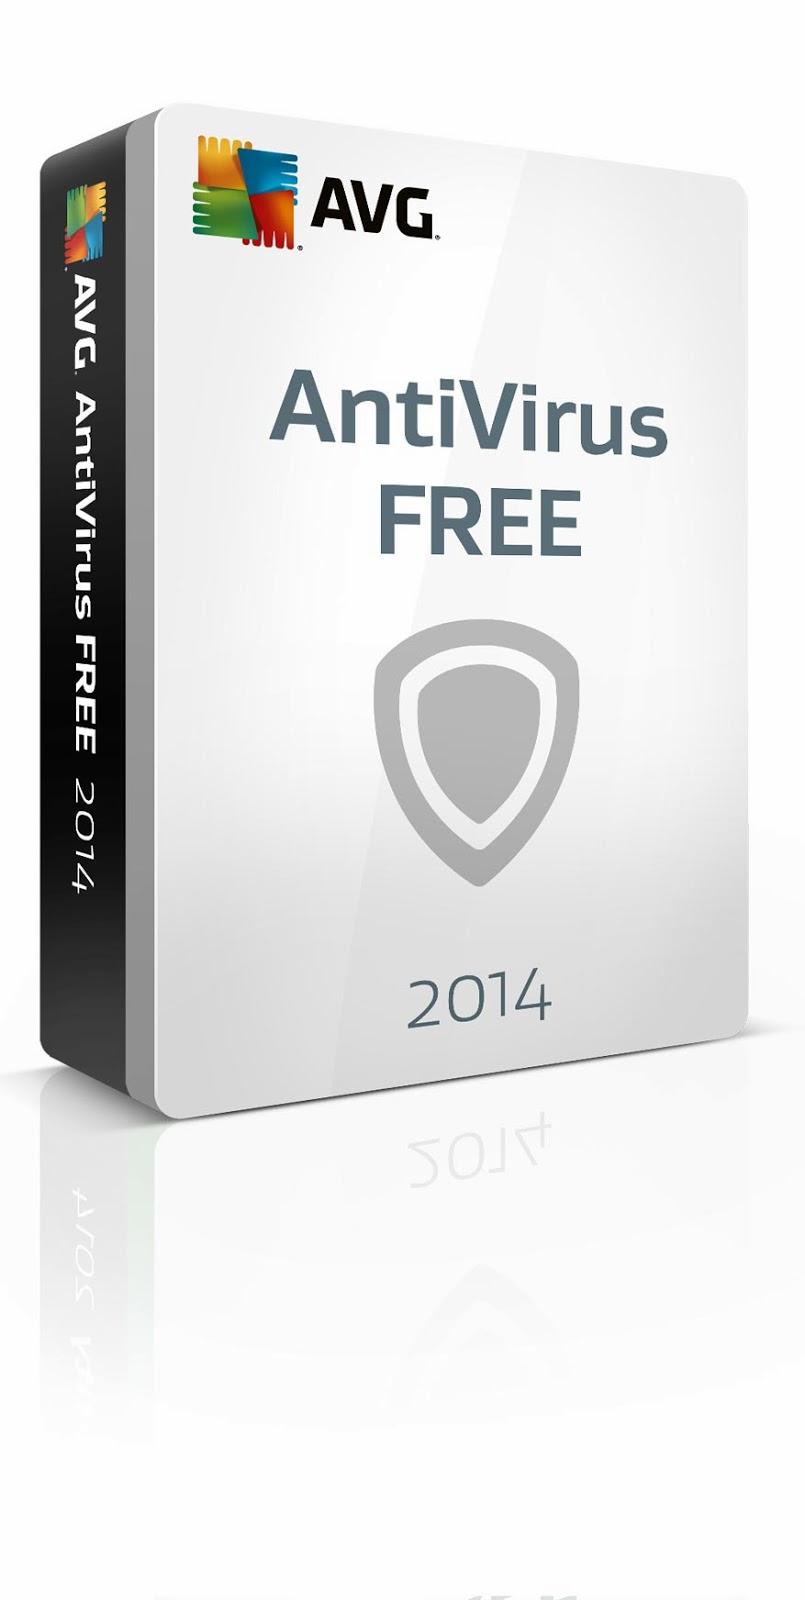 برنامج AVG AntiVirus Free 2014 v14.0.4142 مكافح الفيروسات